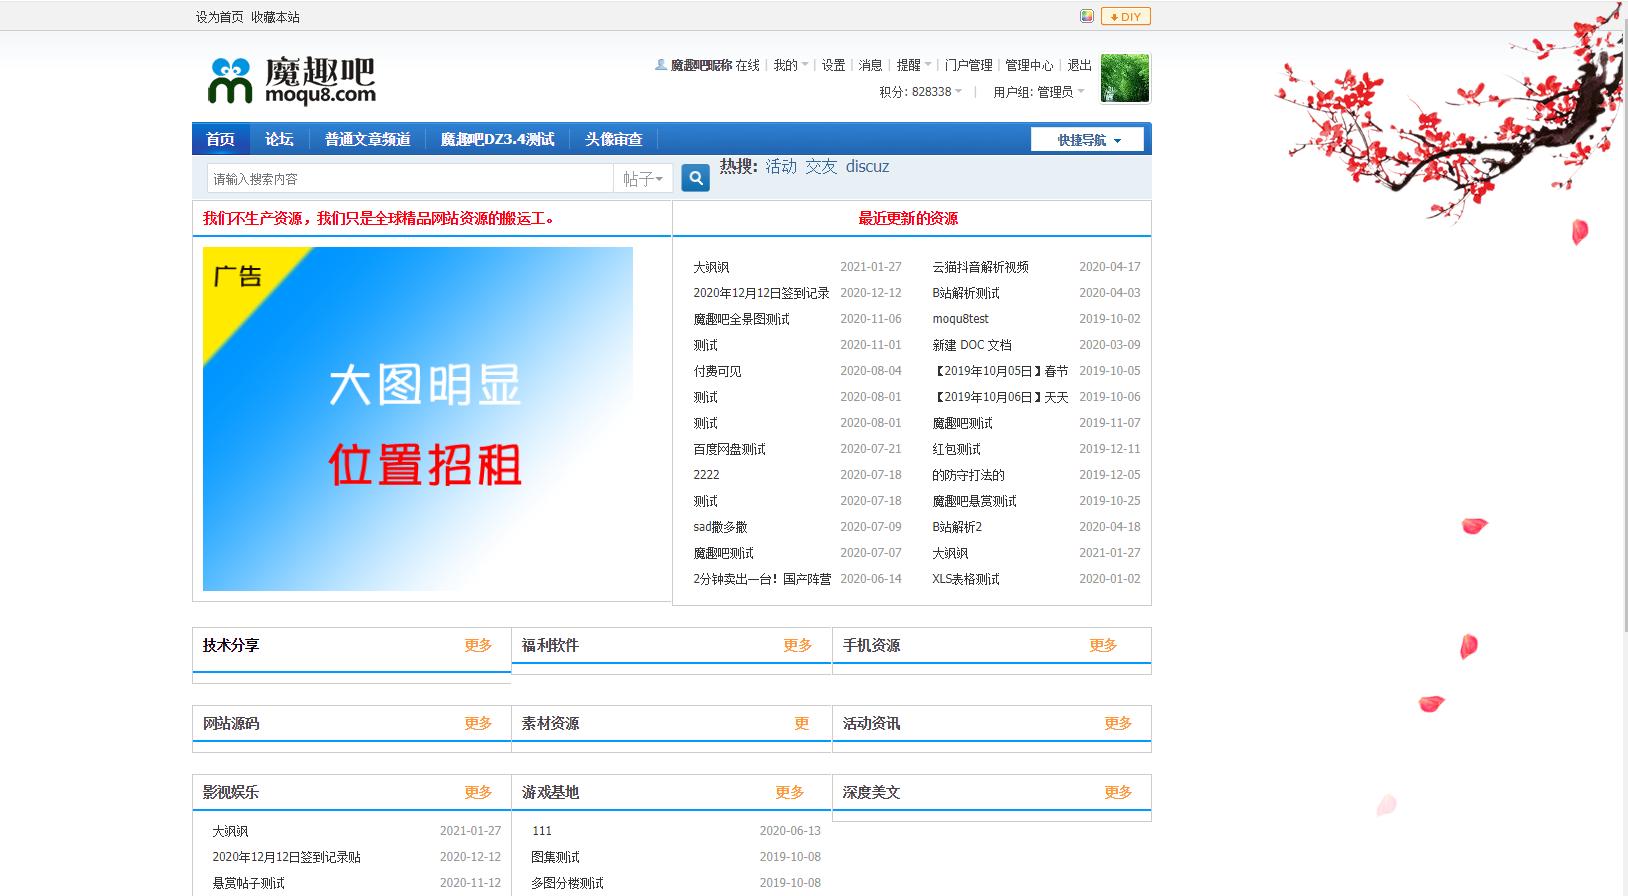 <font color='#44BB44'>网站右侧梅花飘落普通版(moqu8_meihua)</font>